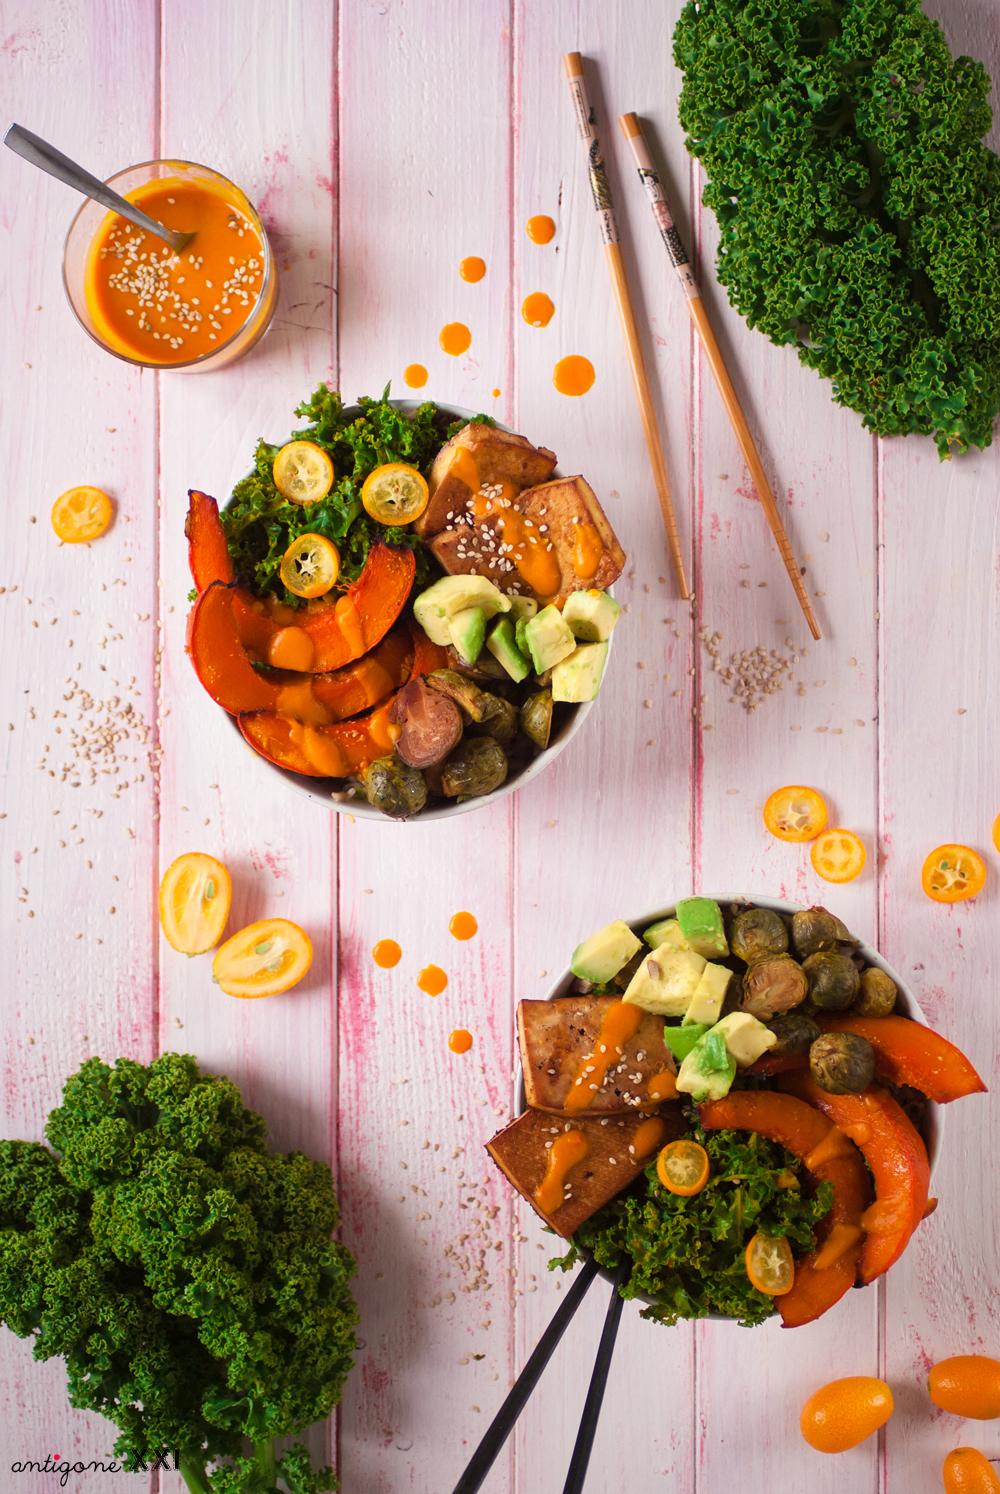 Vegan Winter Bowls - Antigonexxi.com